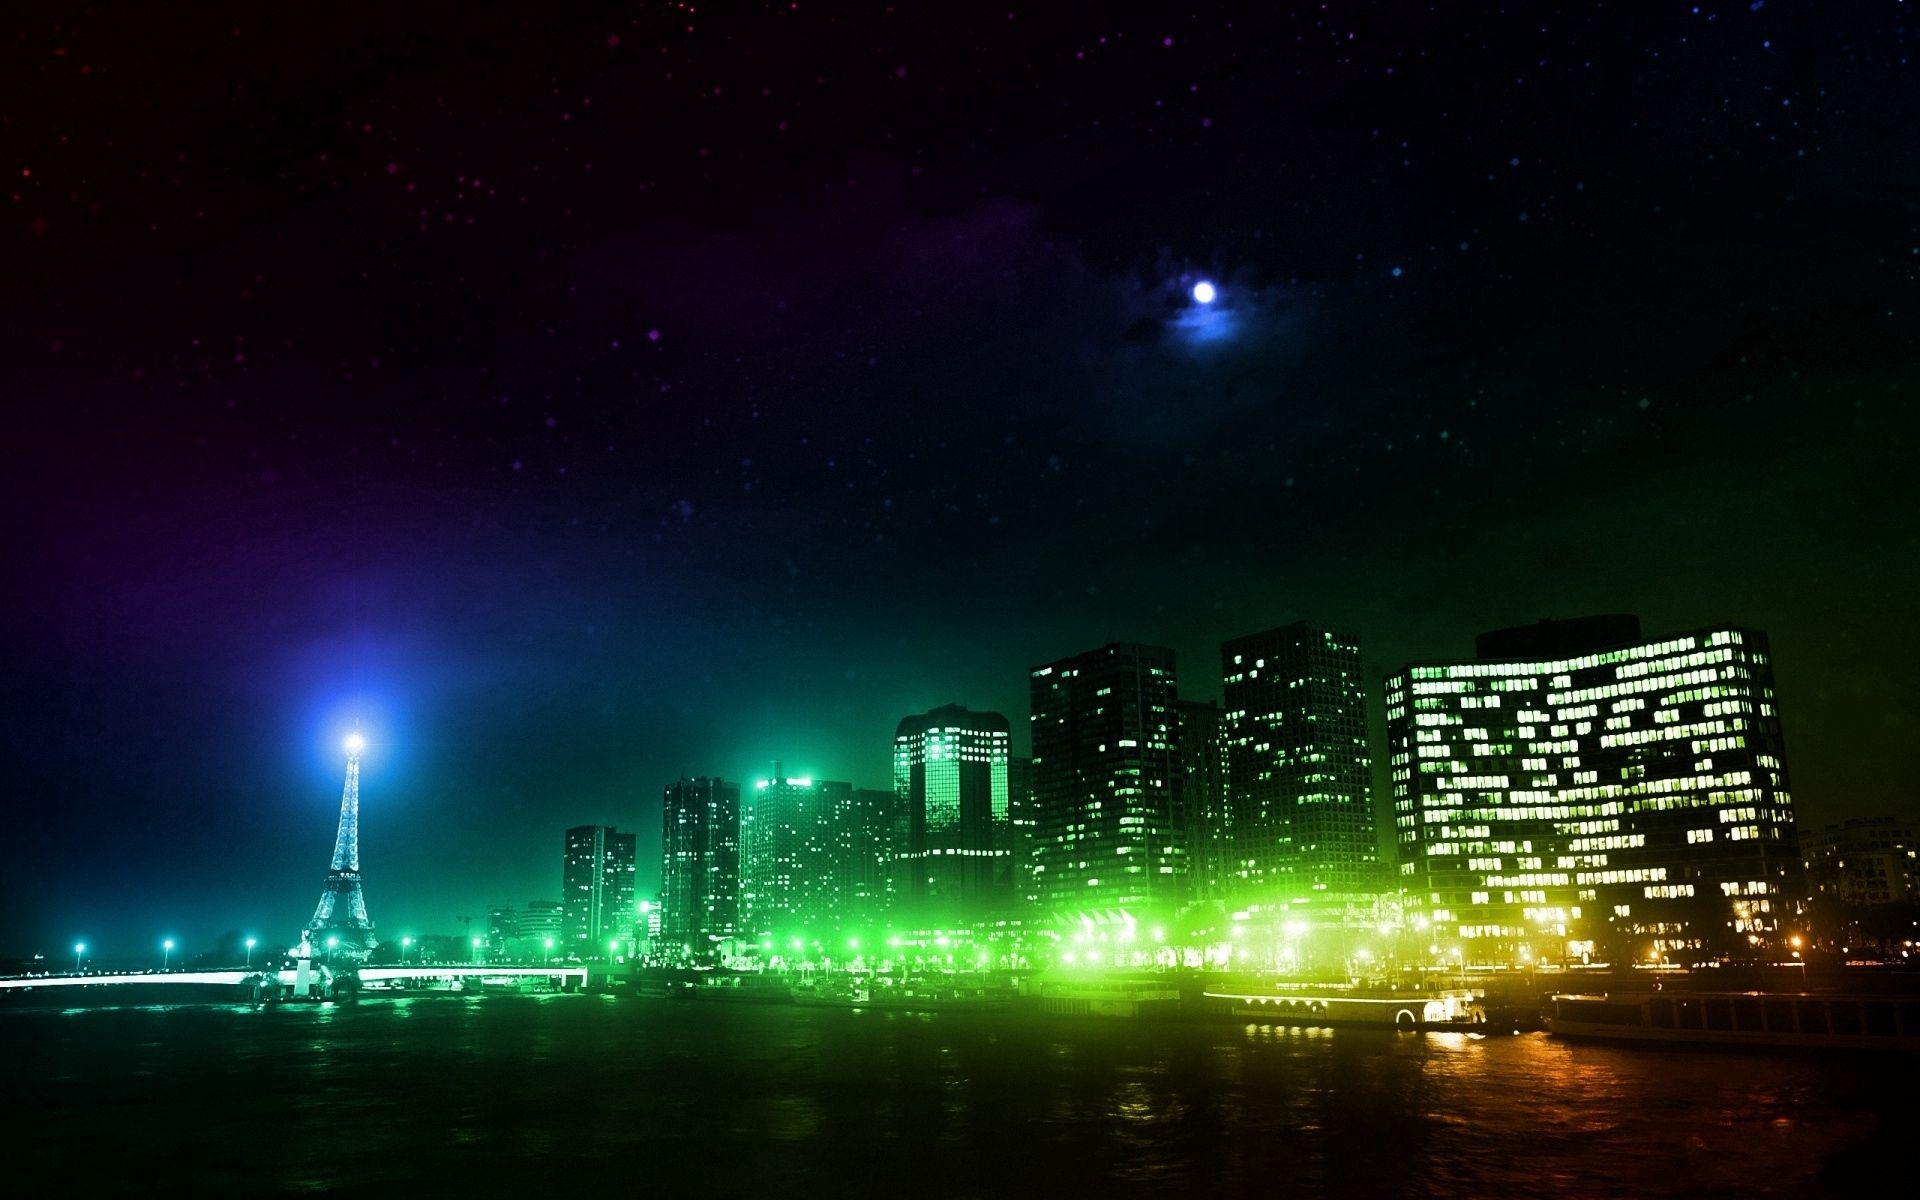 71417 fond d'écran 1080x2340 sur votre téléphone gratuitement, téléchargez des images Villes, Paris, Imeuble, Bâtiment, Briller, Lumière, Éclairage De Nuit, Illumination Nocturne 1080x2340 sur votre mobile